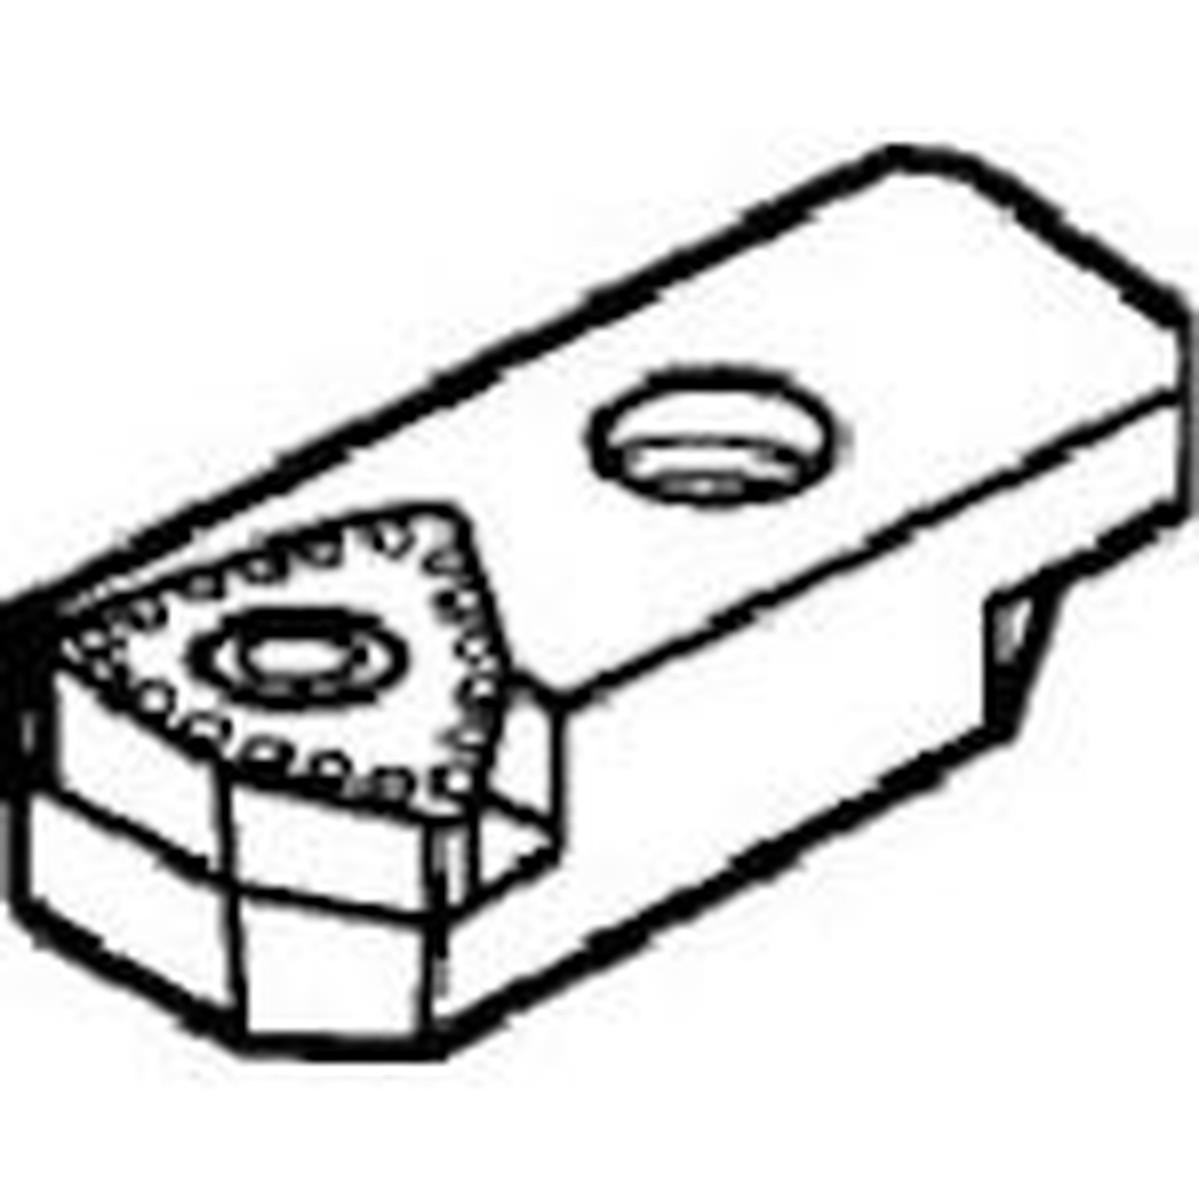 上品 サンドビック 1本 T-MAX サンドビック Uソリッドドリル用カセット T−MAX 1本, 【返品送料無料】:4afad61d --- kventurepartners.sakura.ne.jp